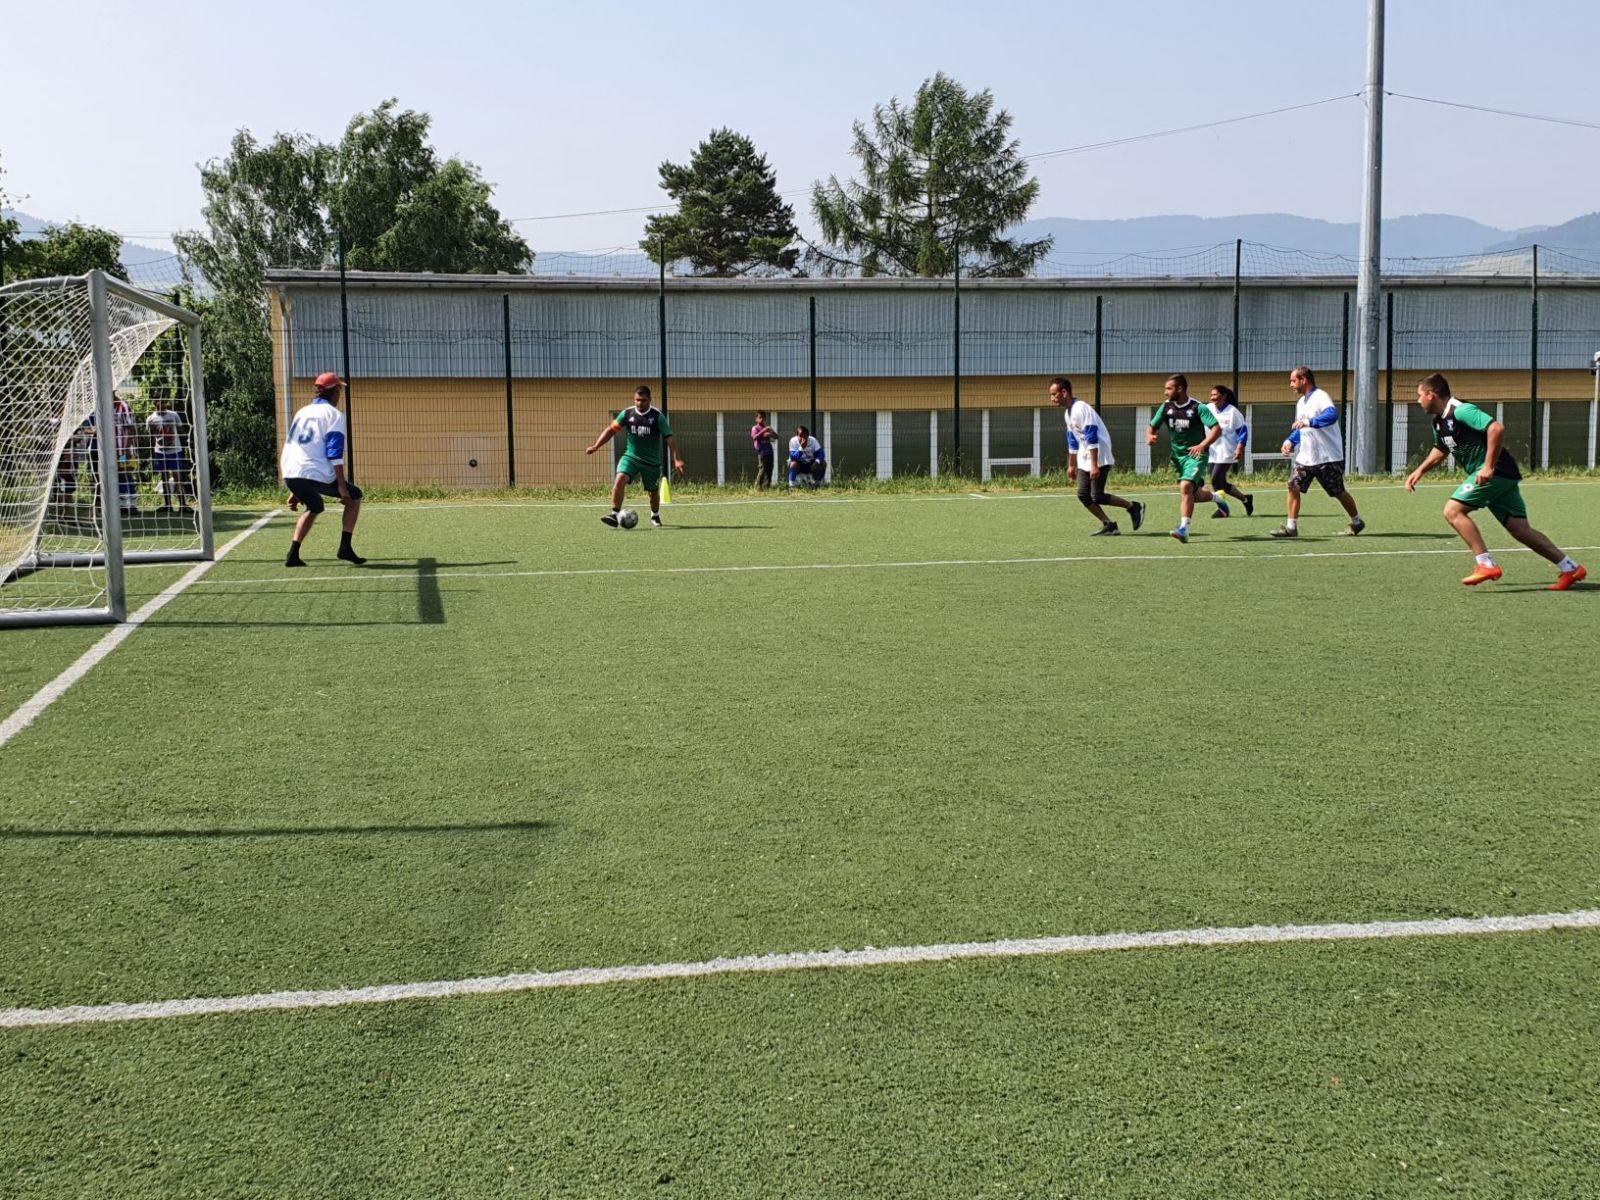 Futbalovy-turnaj-spojil-miestne-komunity-7